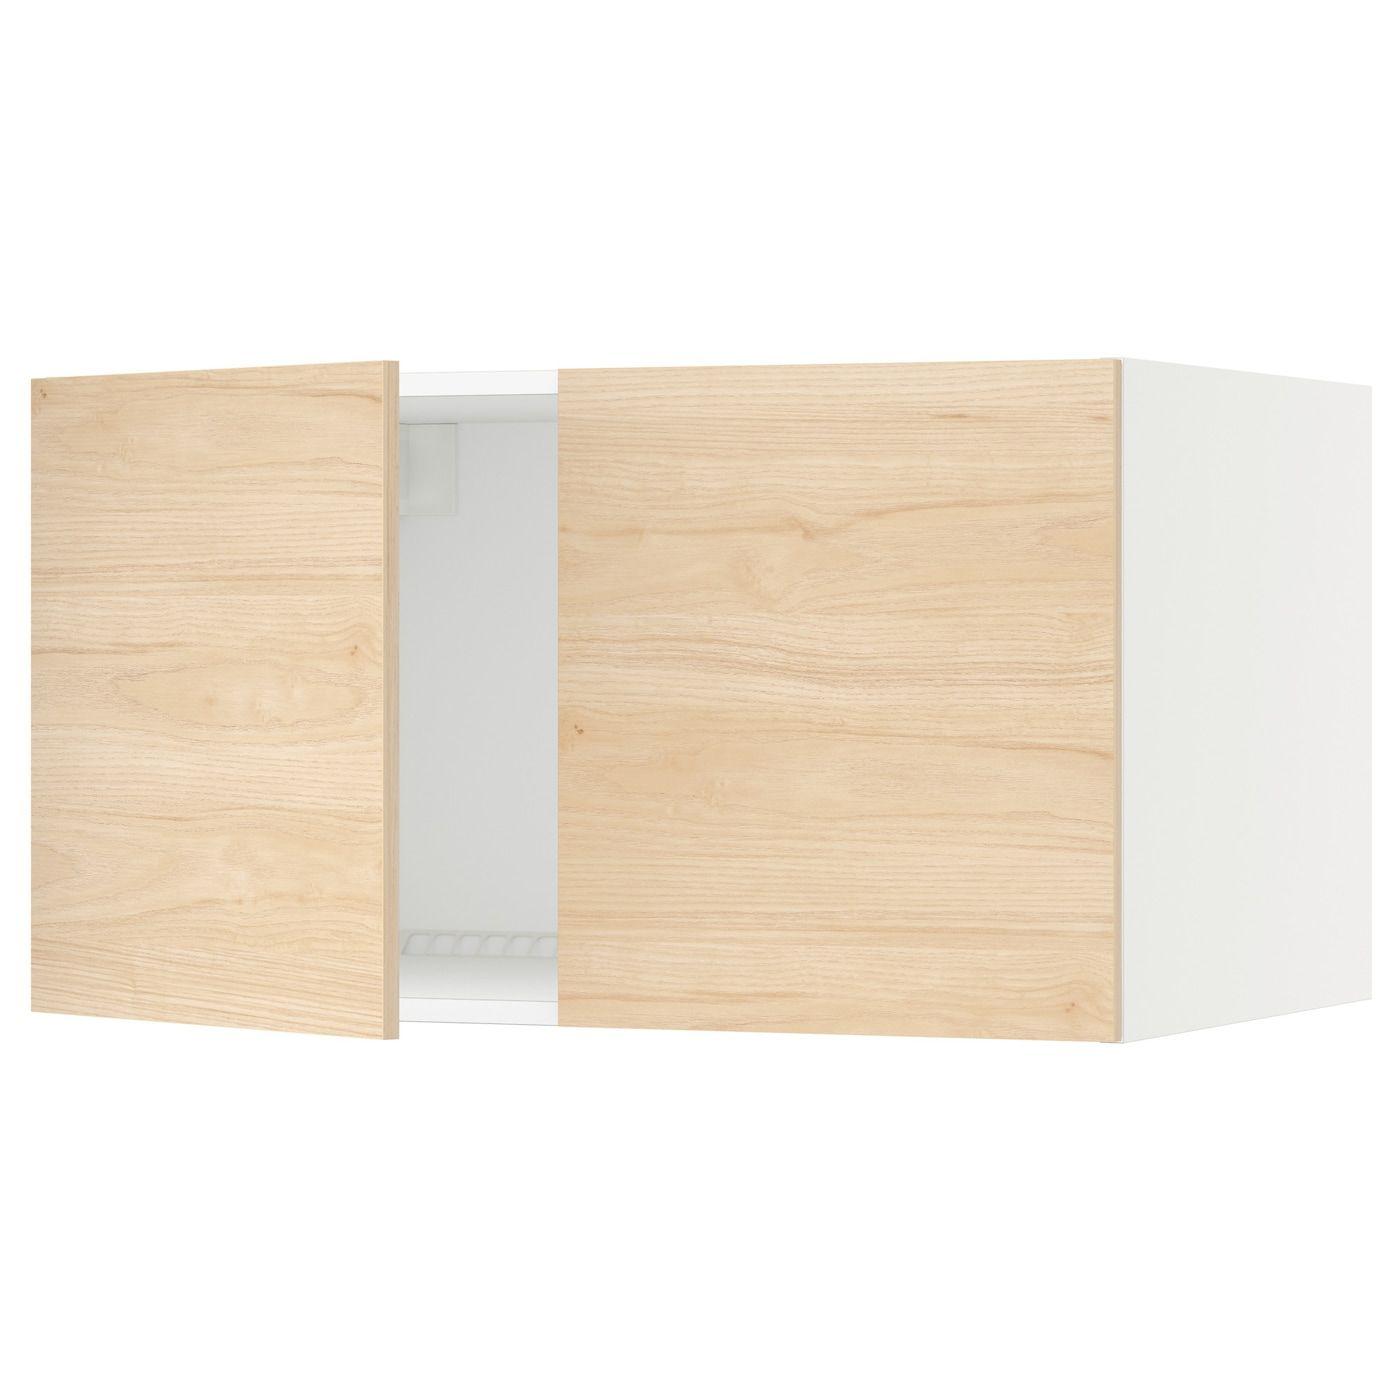 Ikea Sektion Surmeuble Refr Cong 2 Ptes En 2020 Caisson Ikea